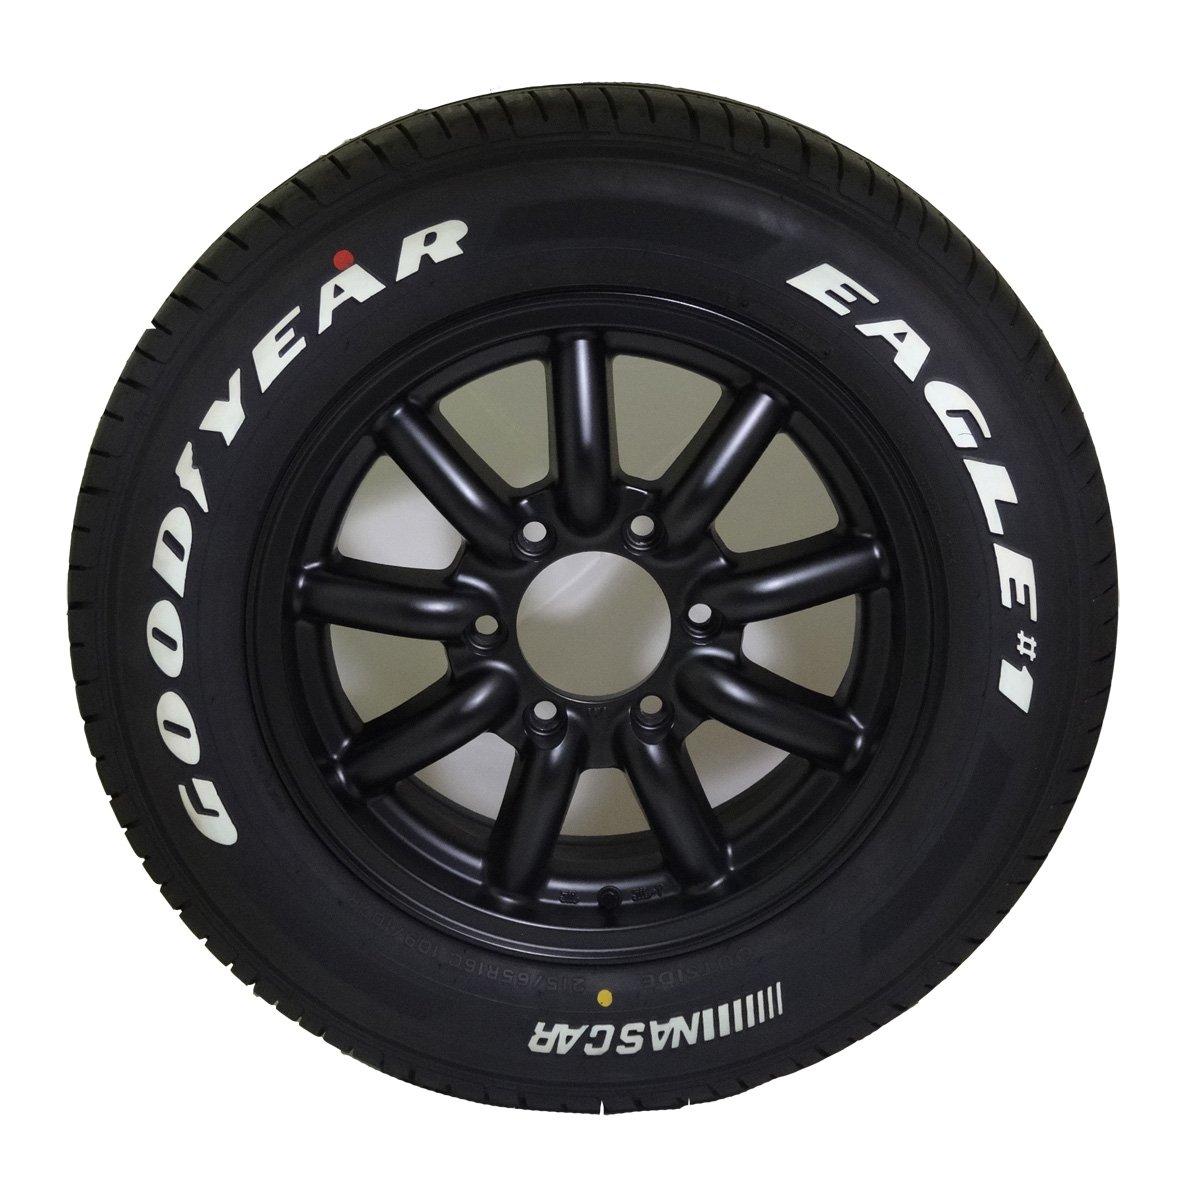 16インチ タイヤ&ホイール グッドイヤー(GOODYEAR) EAGLE #1 NASCAR 215/65R16 ファブレス B00K19P9E2